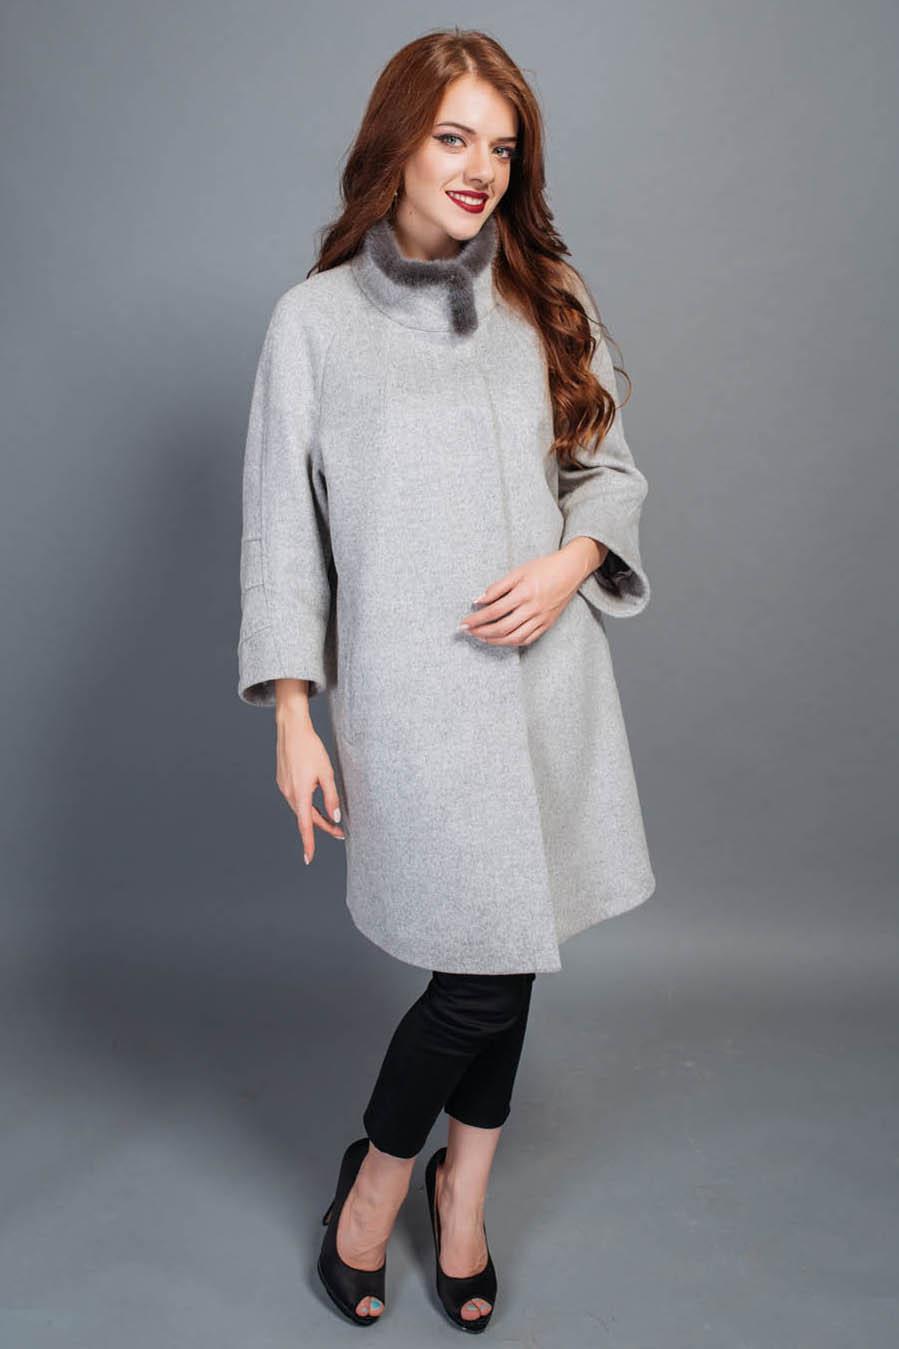 Пальто женское бежевого цвета воротник стойка с норки рукав укороченный